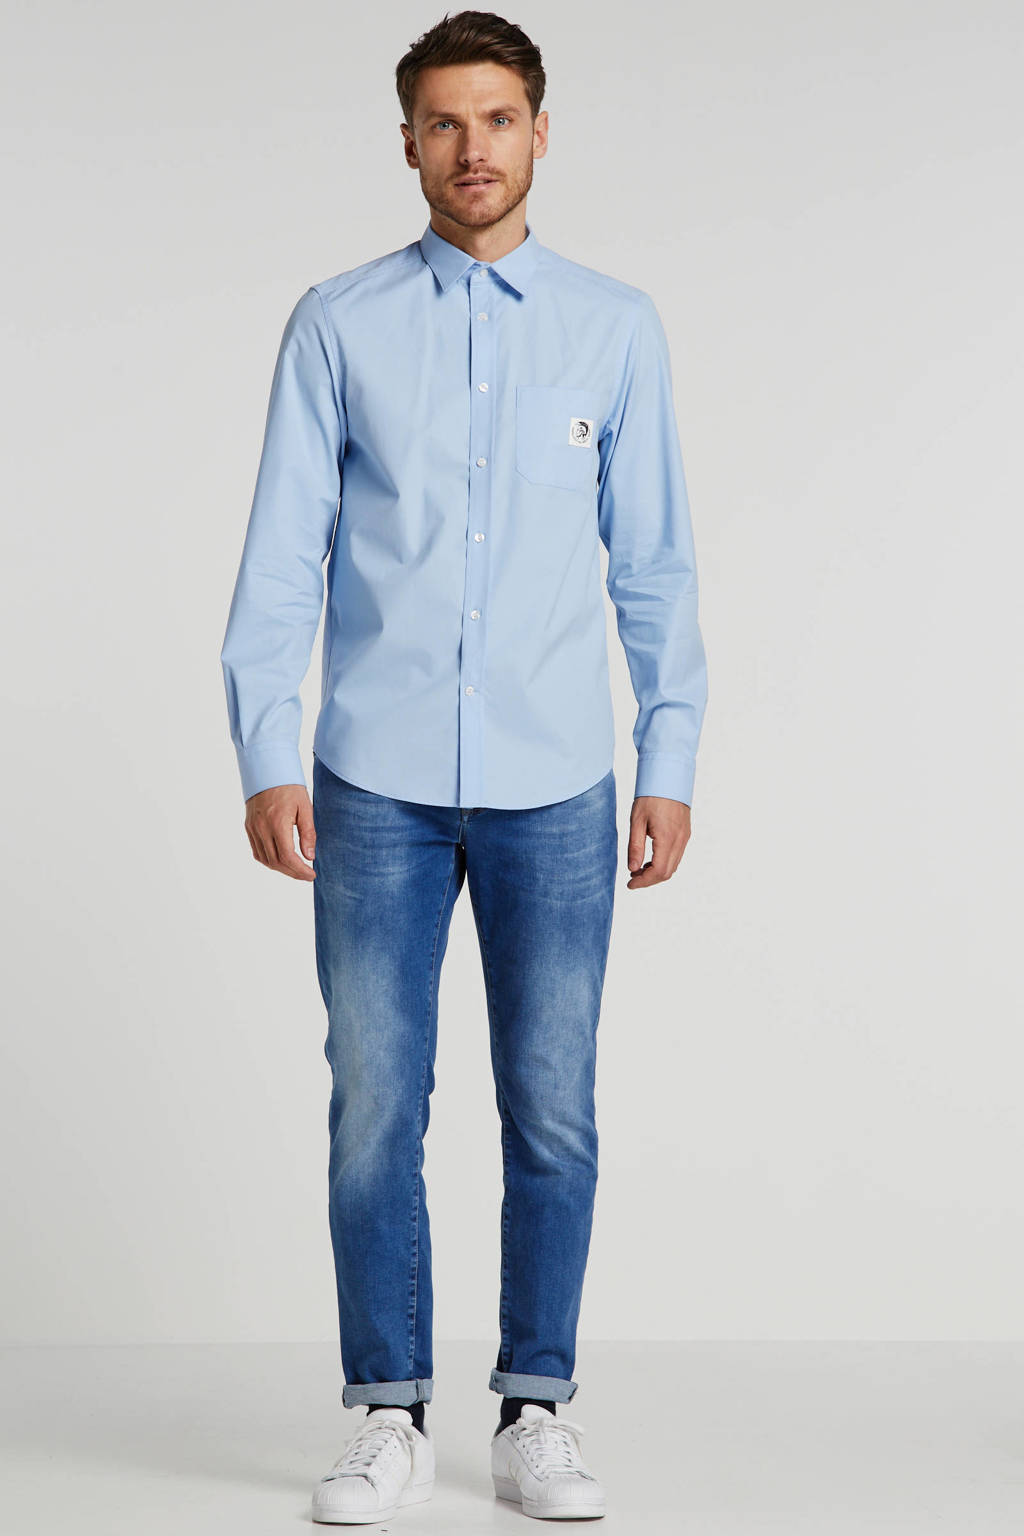 Cars slim fit jeans Bates blue used, 76 Blue Used